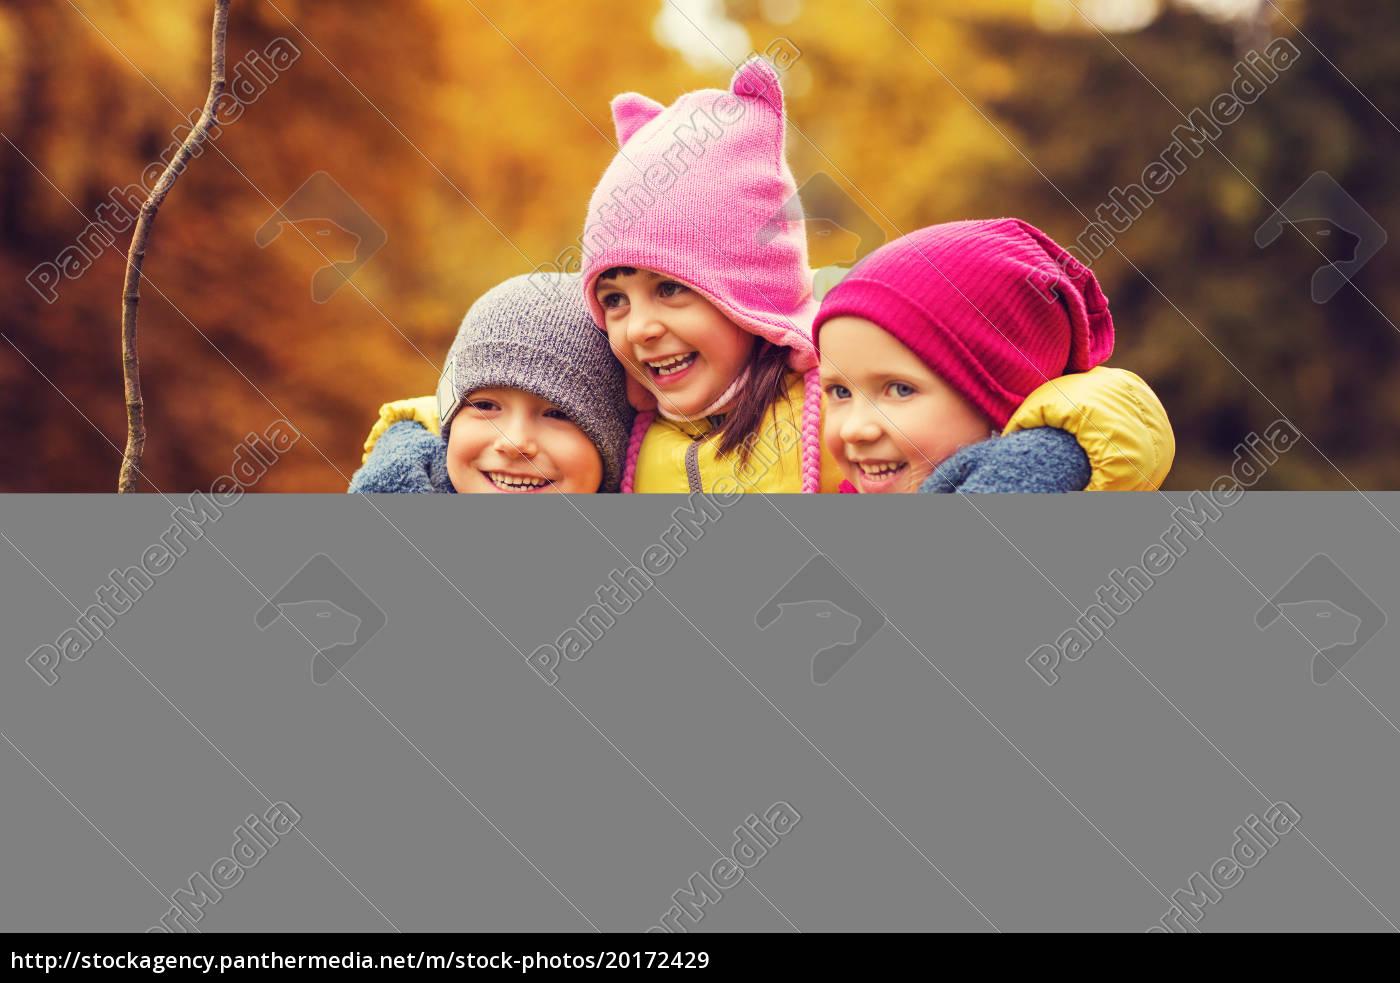 group, of, happy, children, hugging, in - 20172429